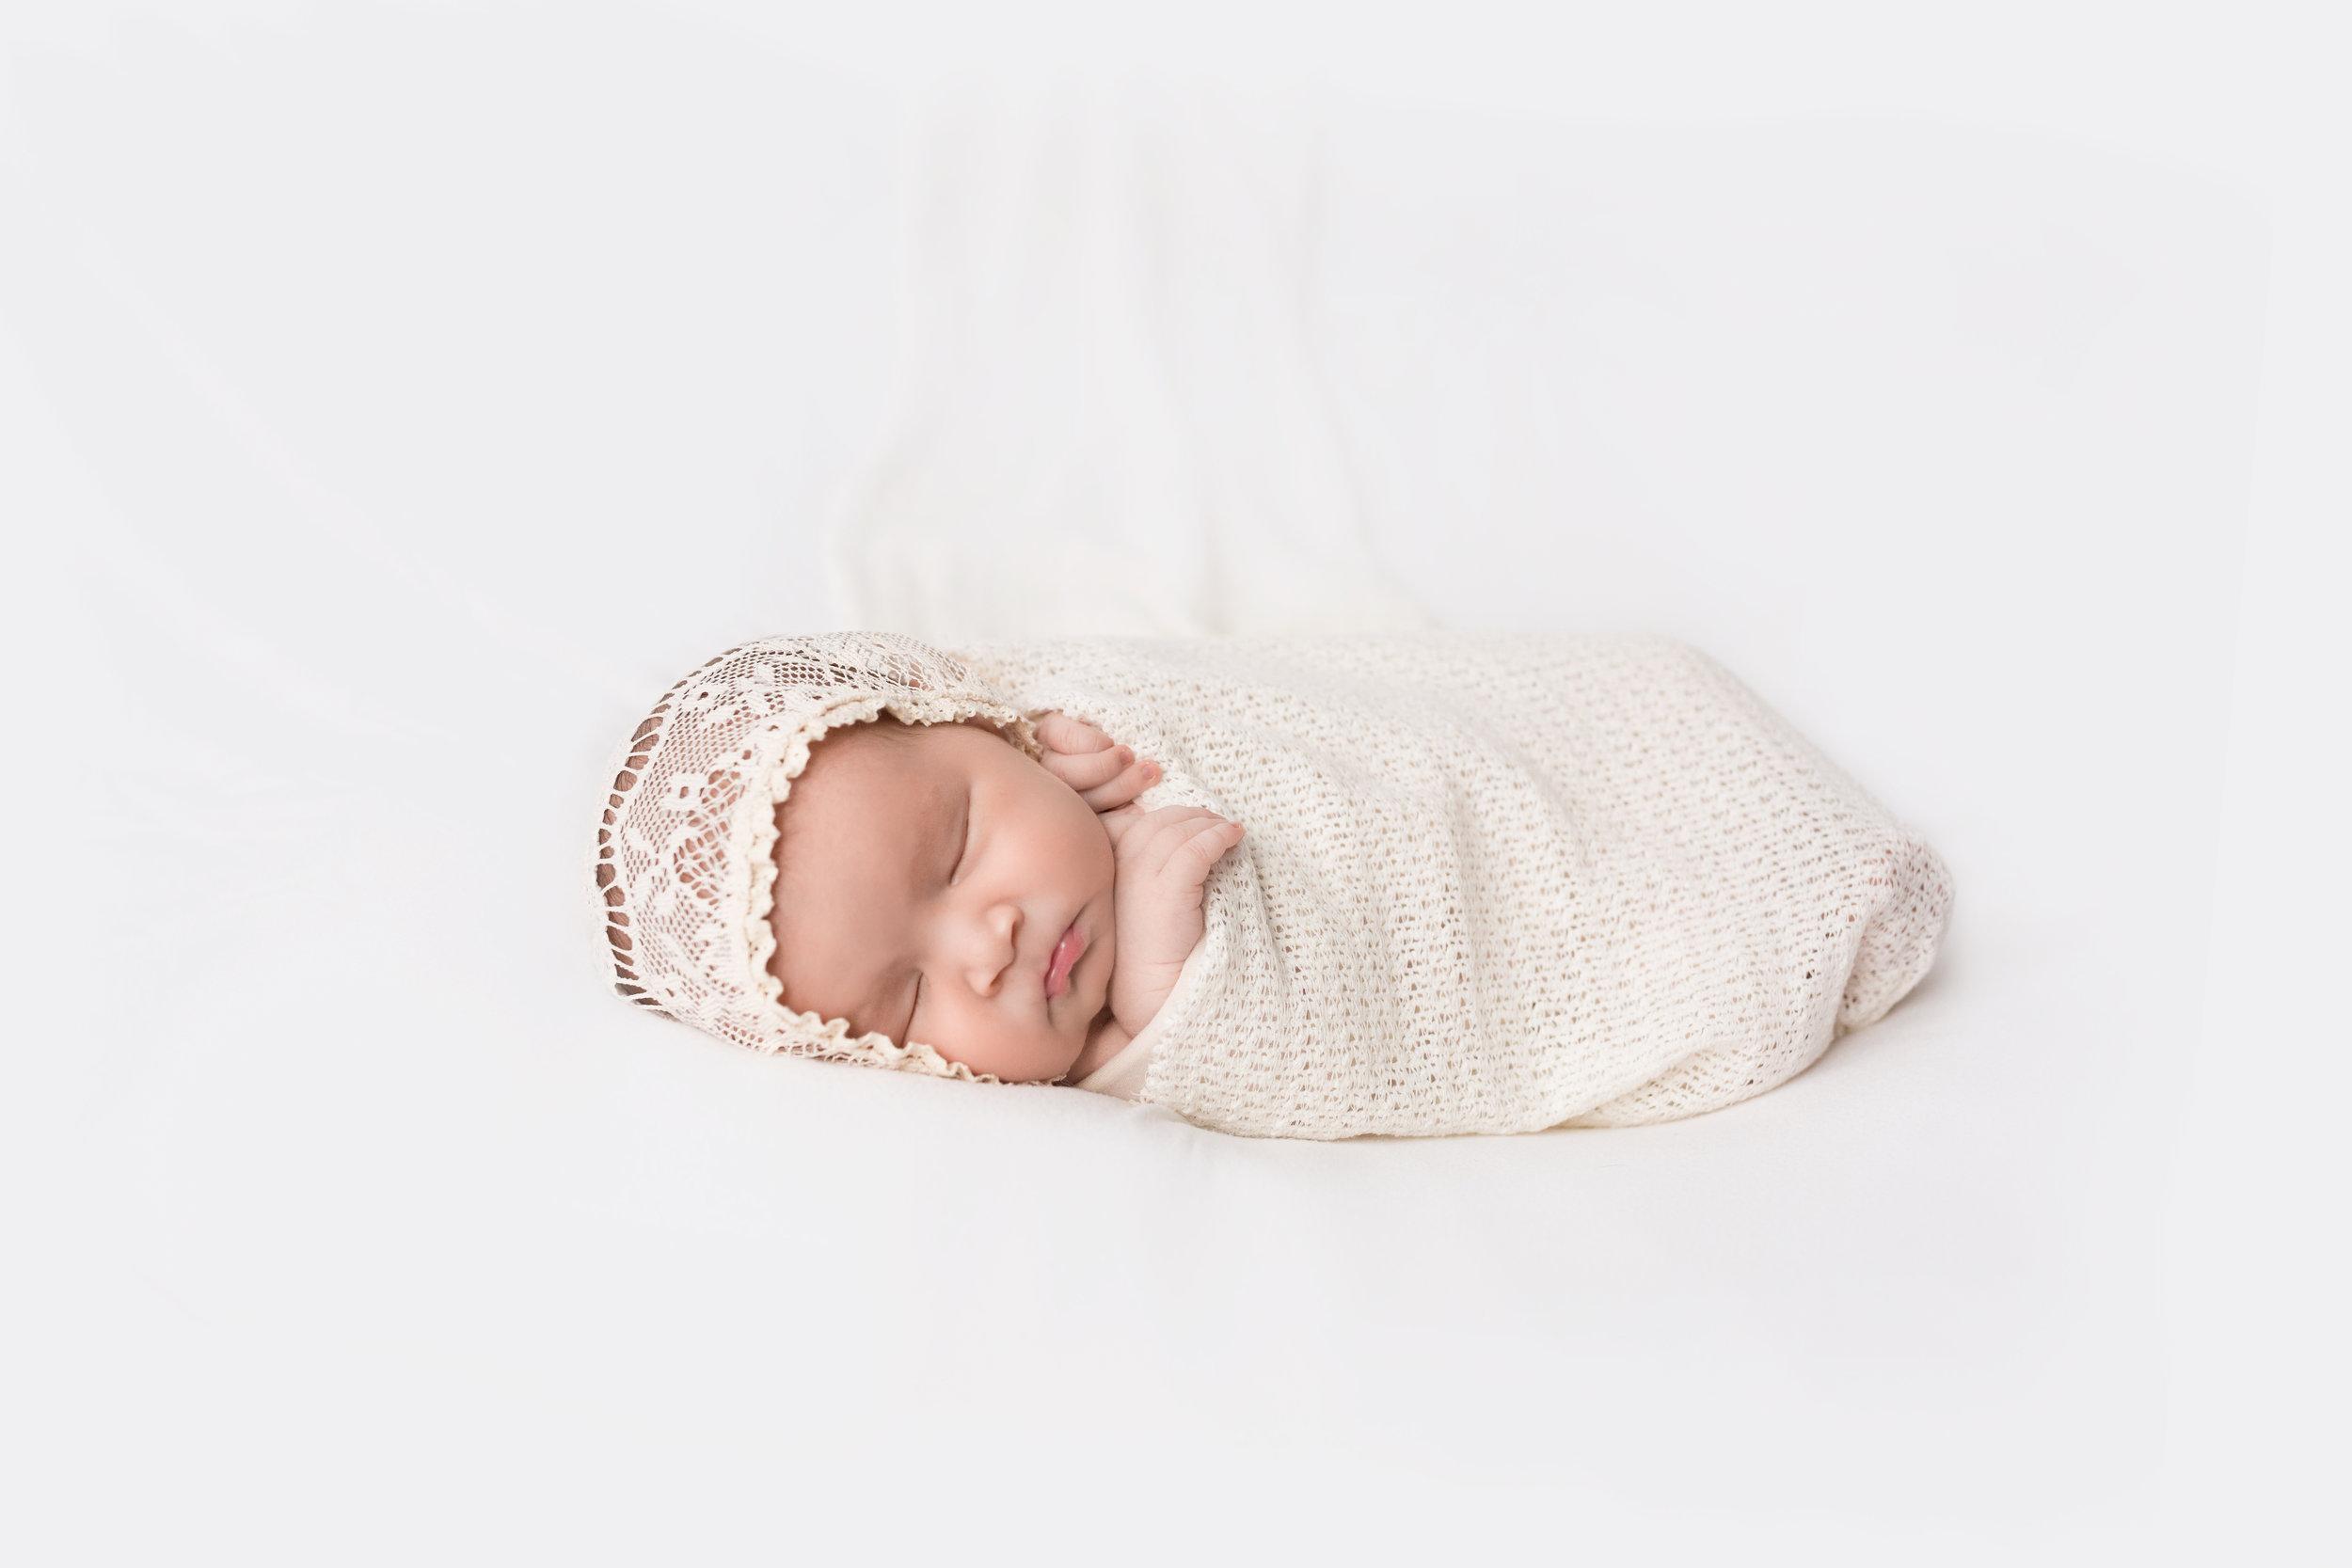 Austen s Newborn Photos-Austen-0024.jpg